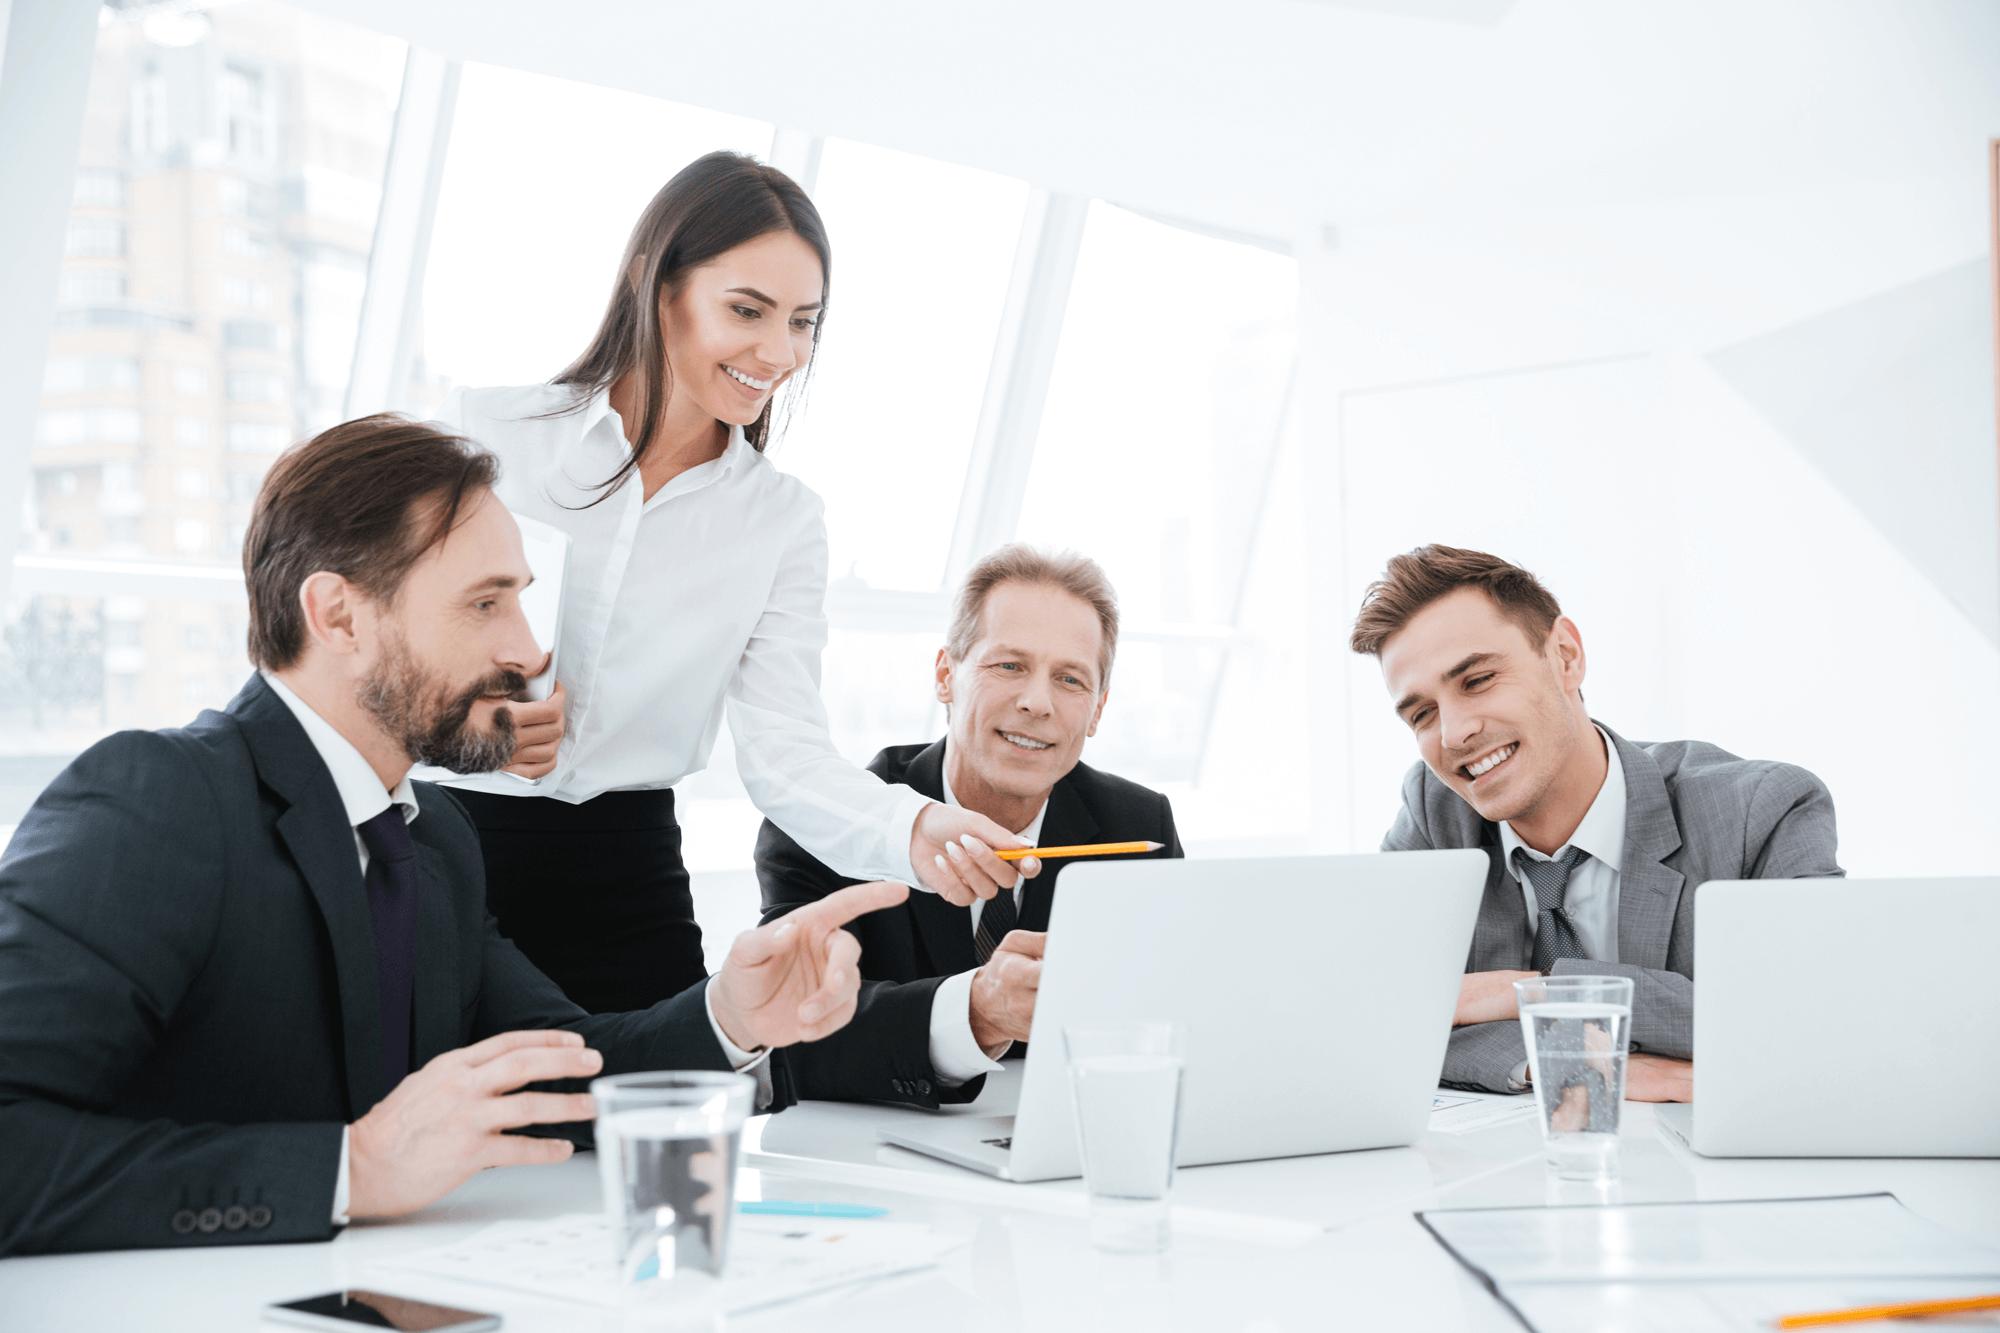 De voor- en nadelen van een intelligente organisatie